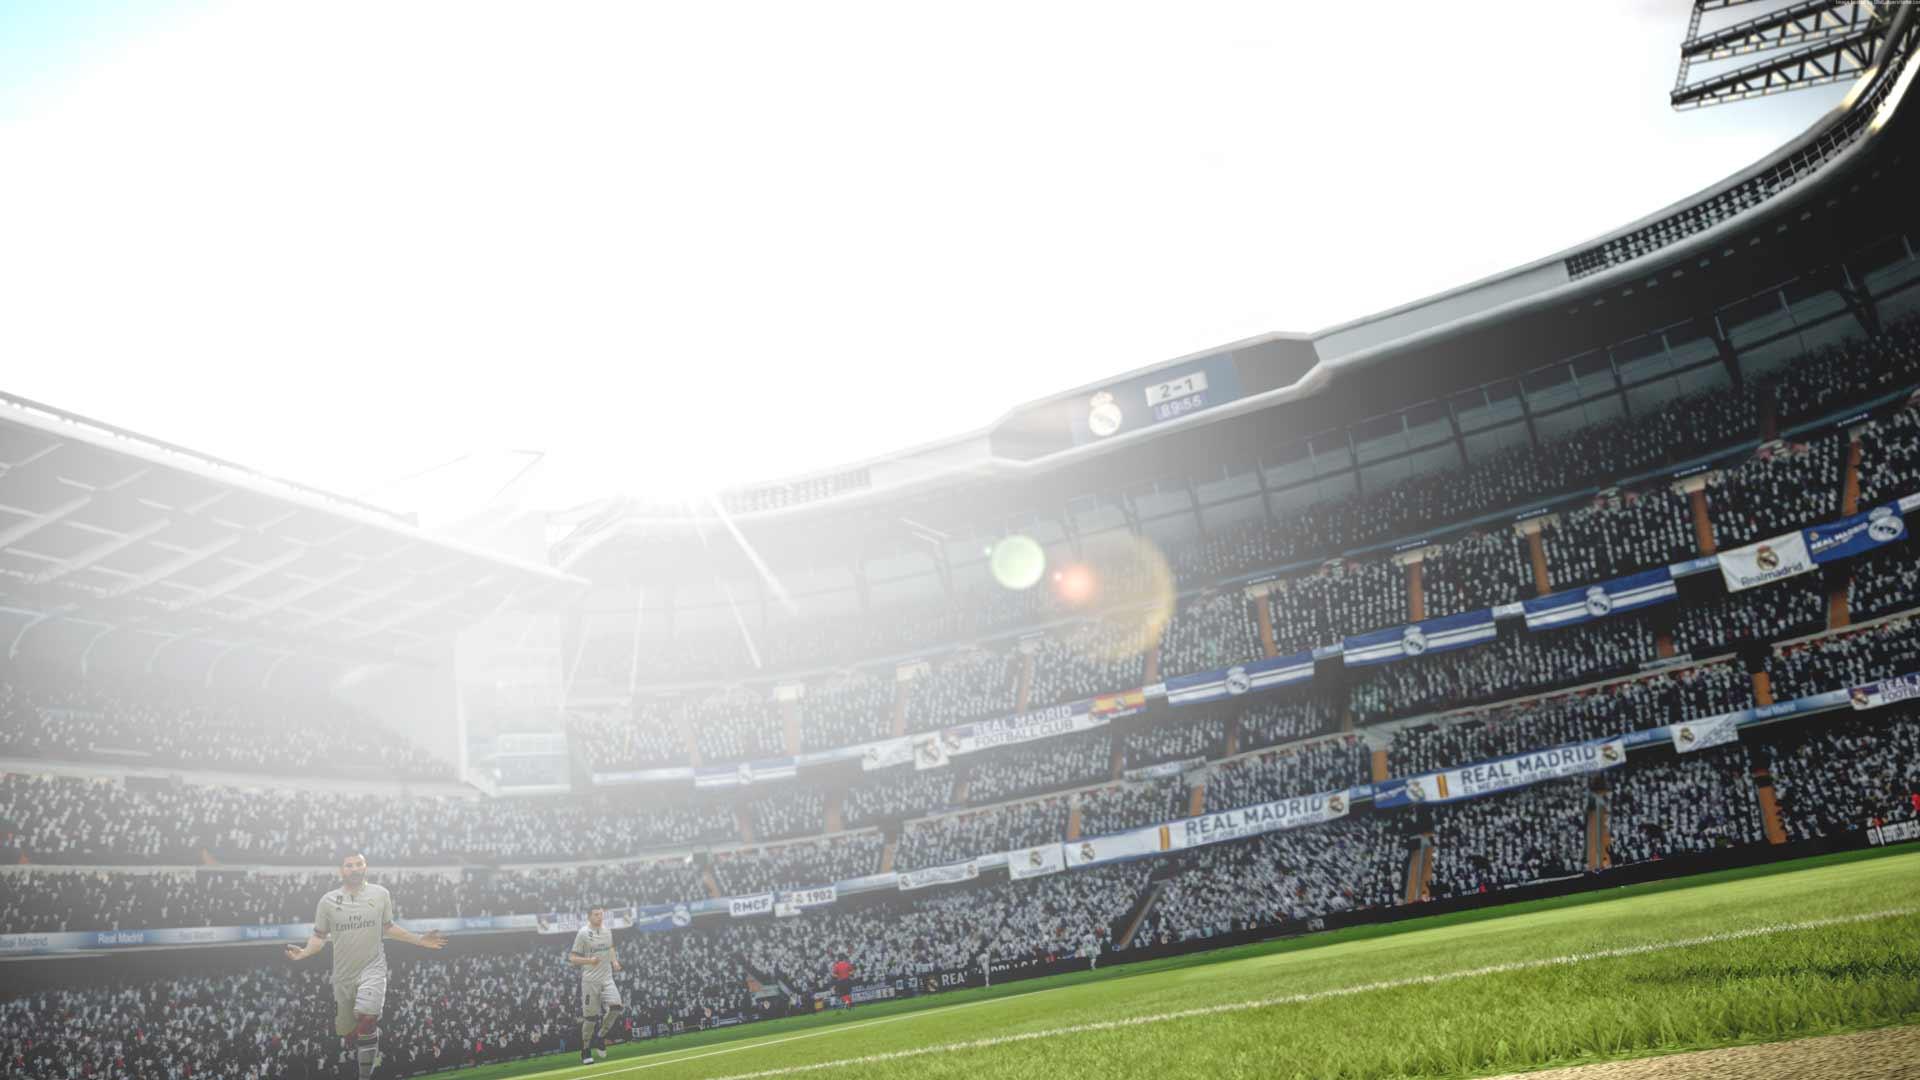 eSports Arena Background image